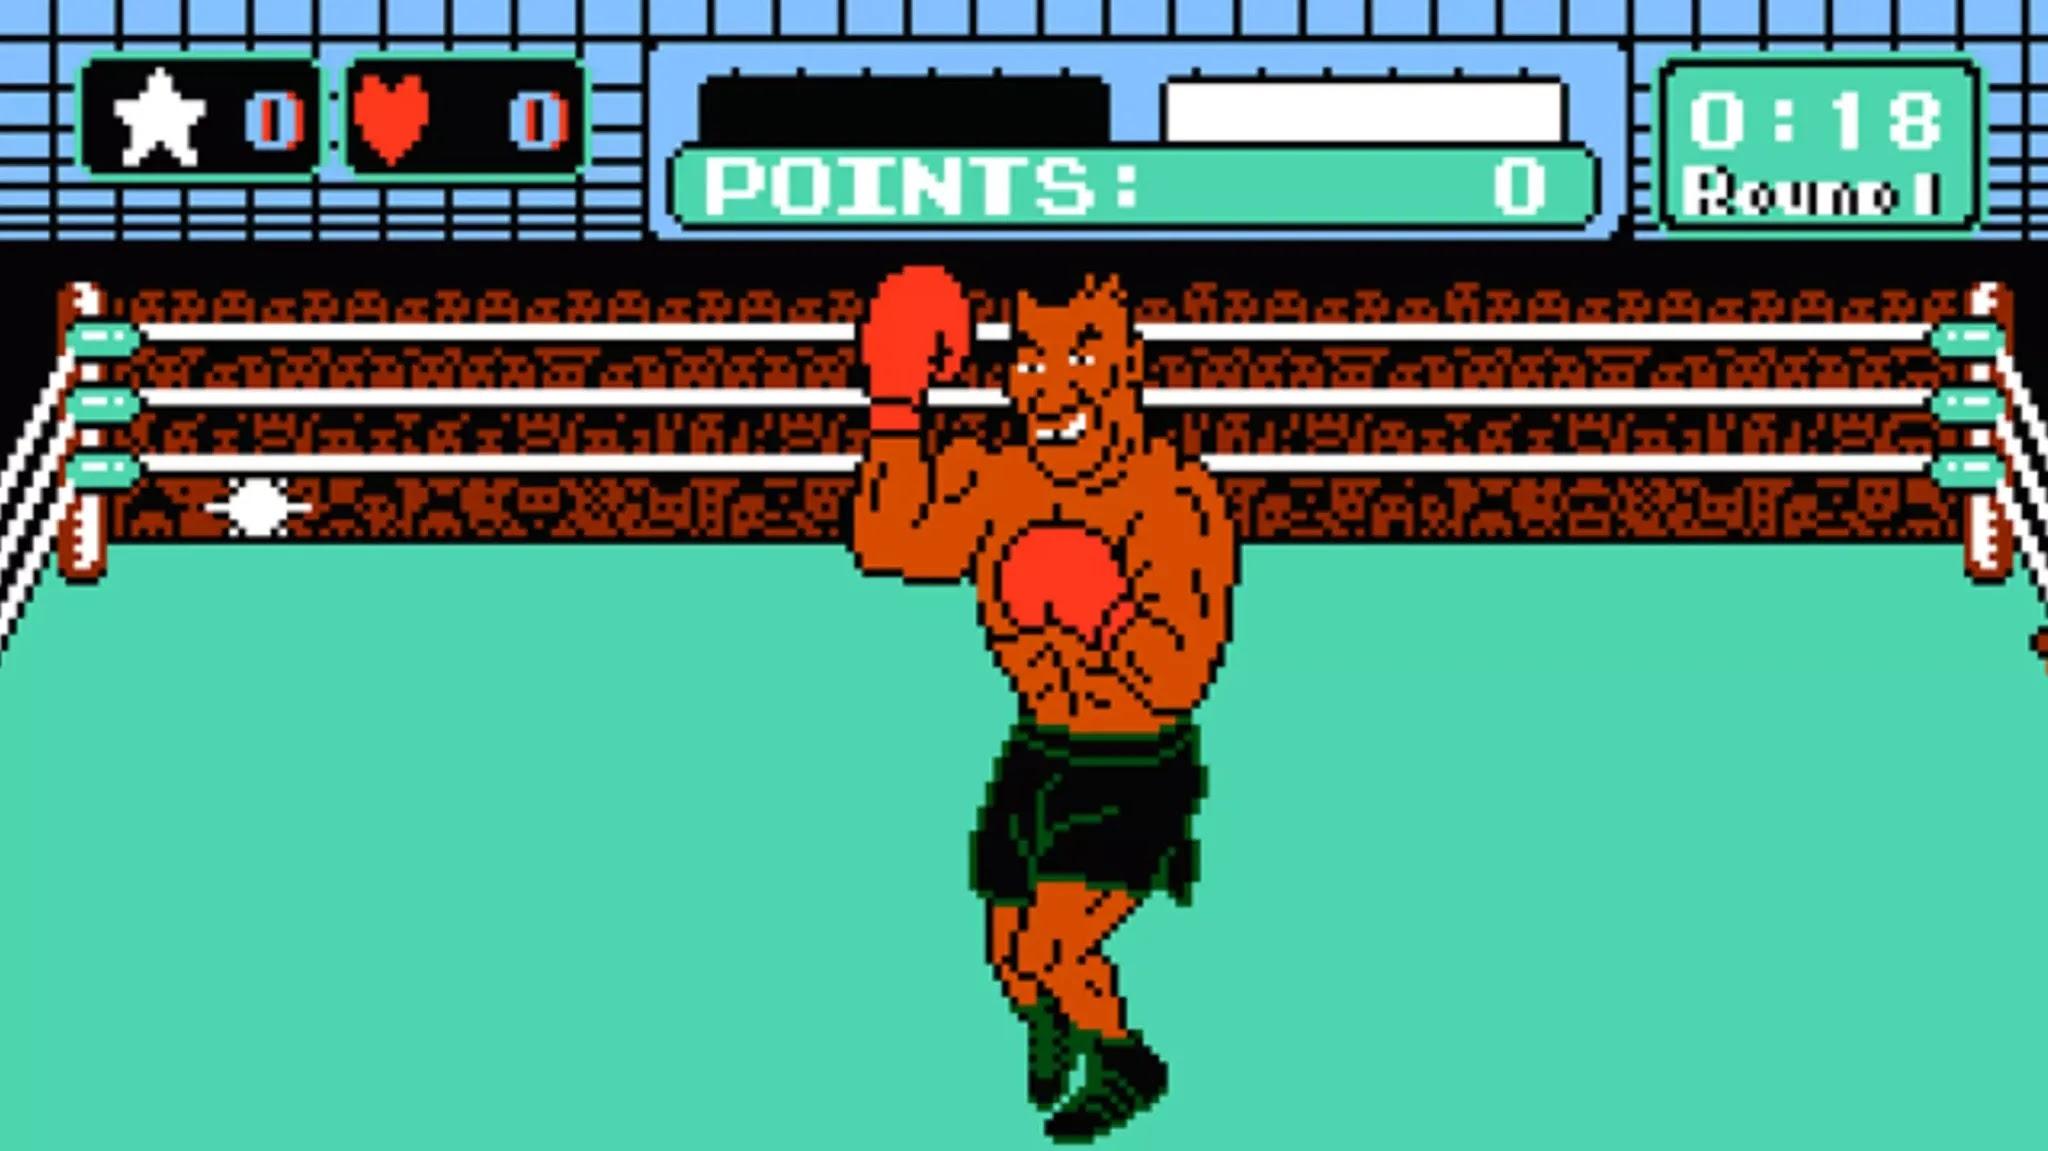 Mike Tyson's Punch-Out !! cho NES vẫn còn chứa những bí mật chưa được khám phá.